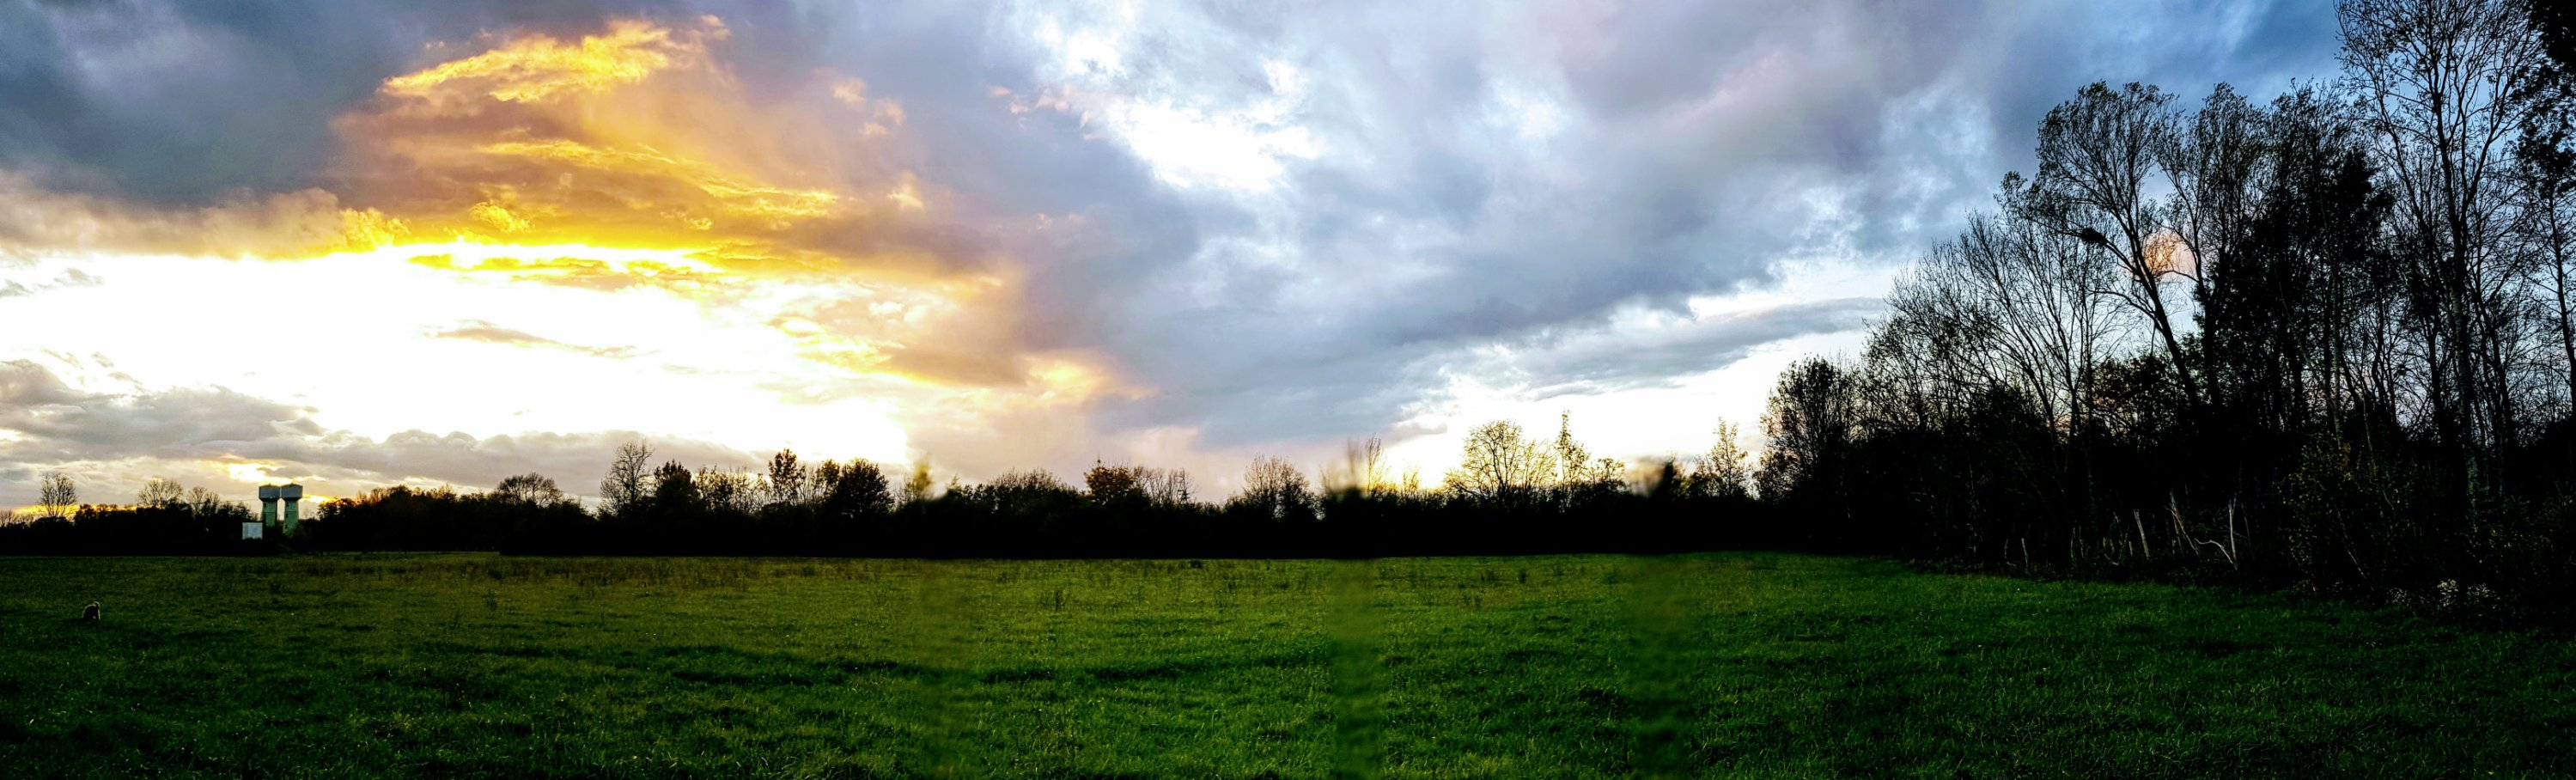 Bin spät dran mit Hundespaziergang, begleitet von dramatischen Sonne- und Wolkenspielen